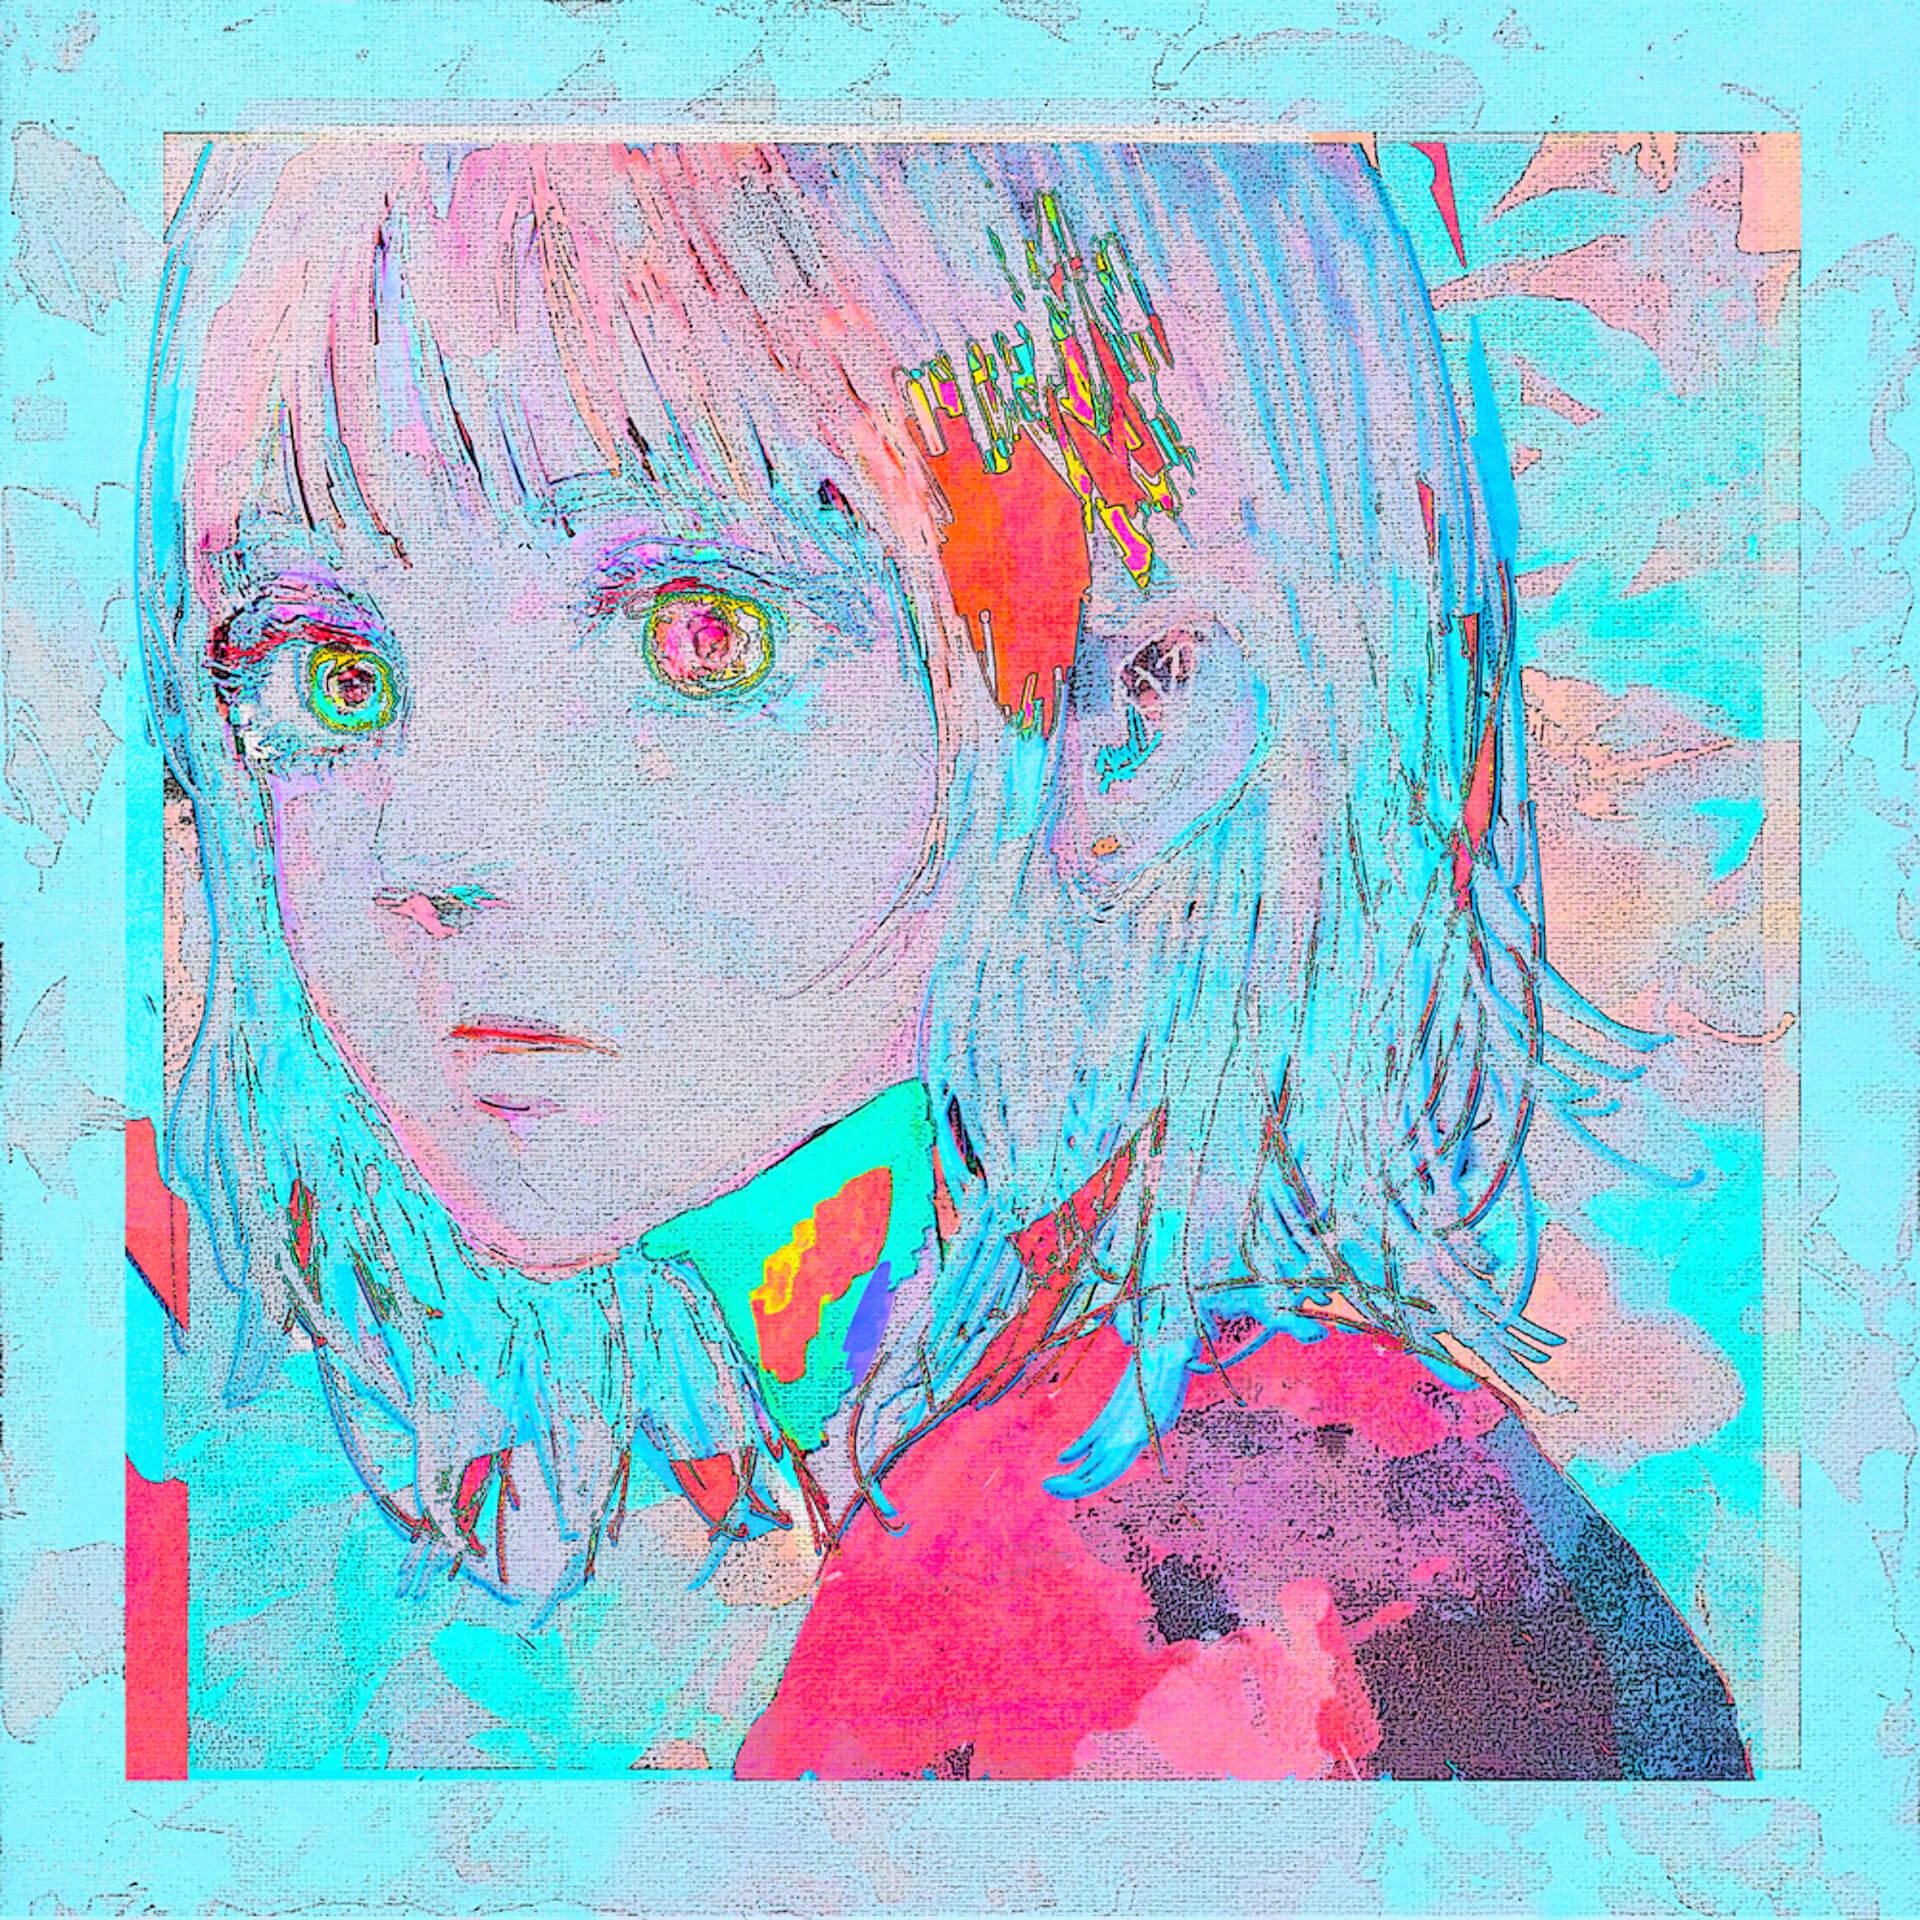 米津玄師のニューシングル『Pale Blue』を香りでも感じられる!法人特典がフレグランスに決定 music210514_yonezukenshi_paleblue_1